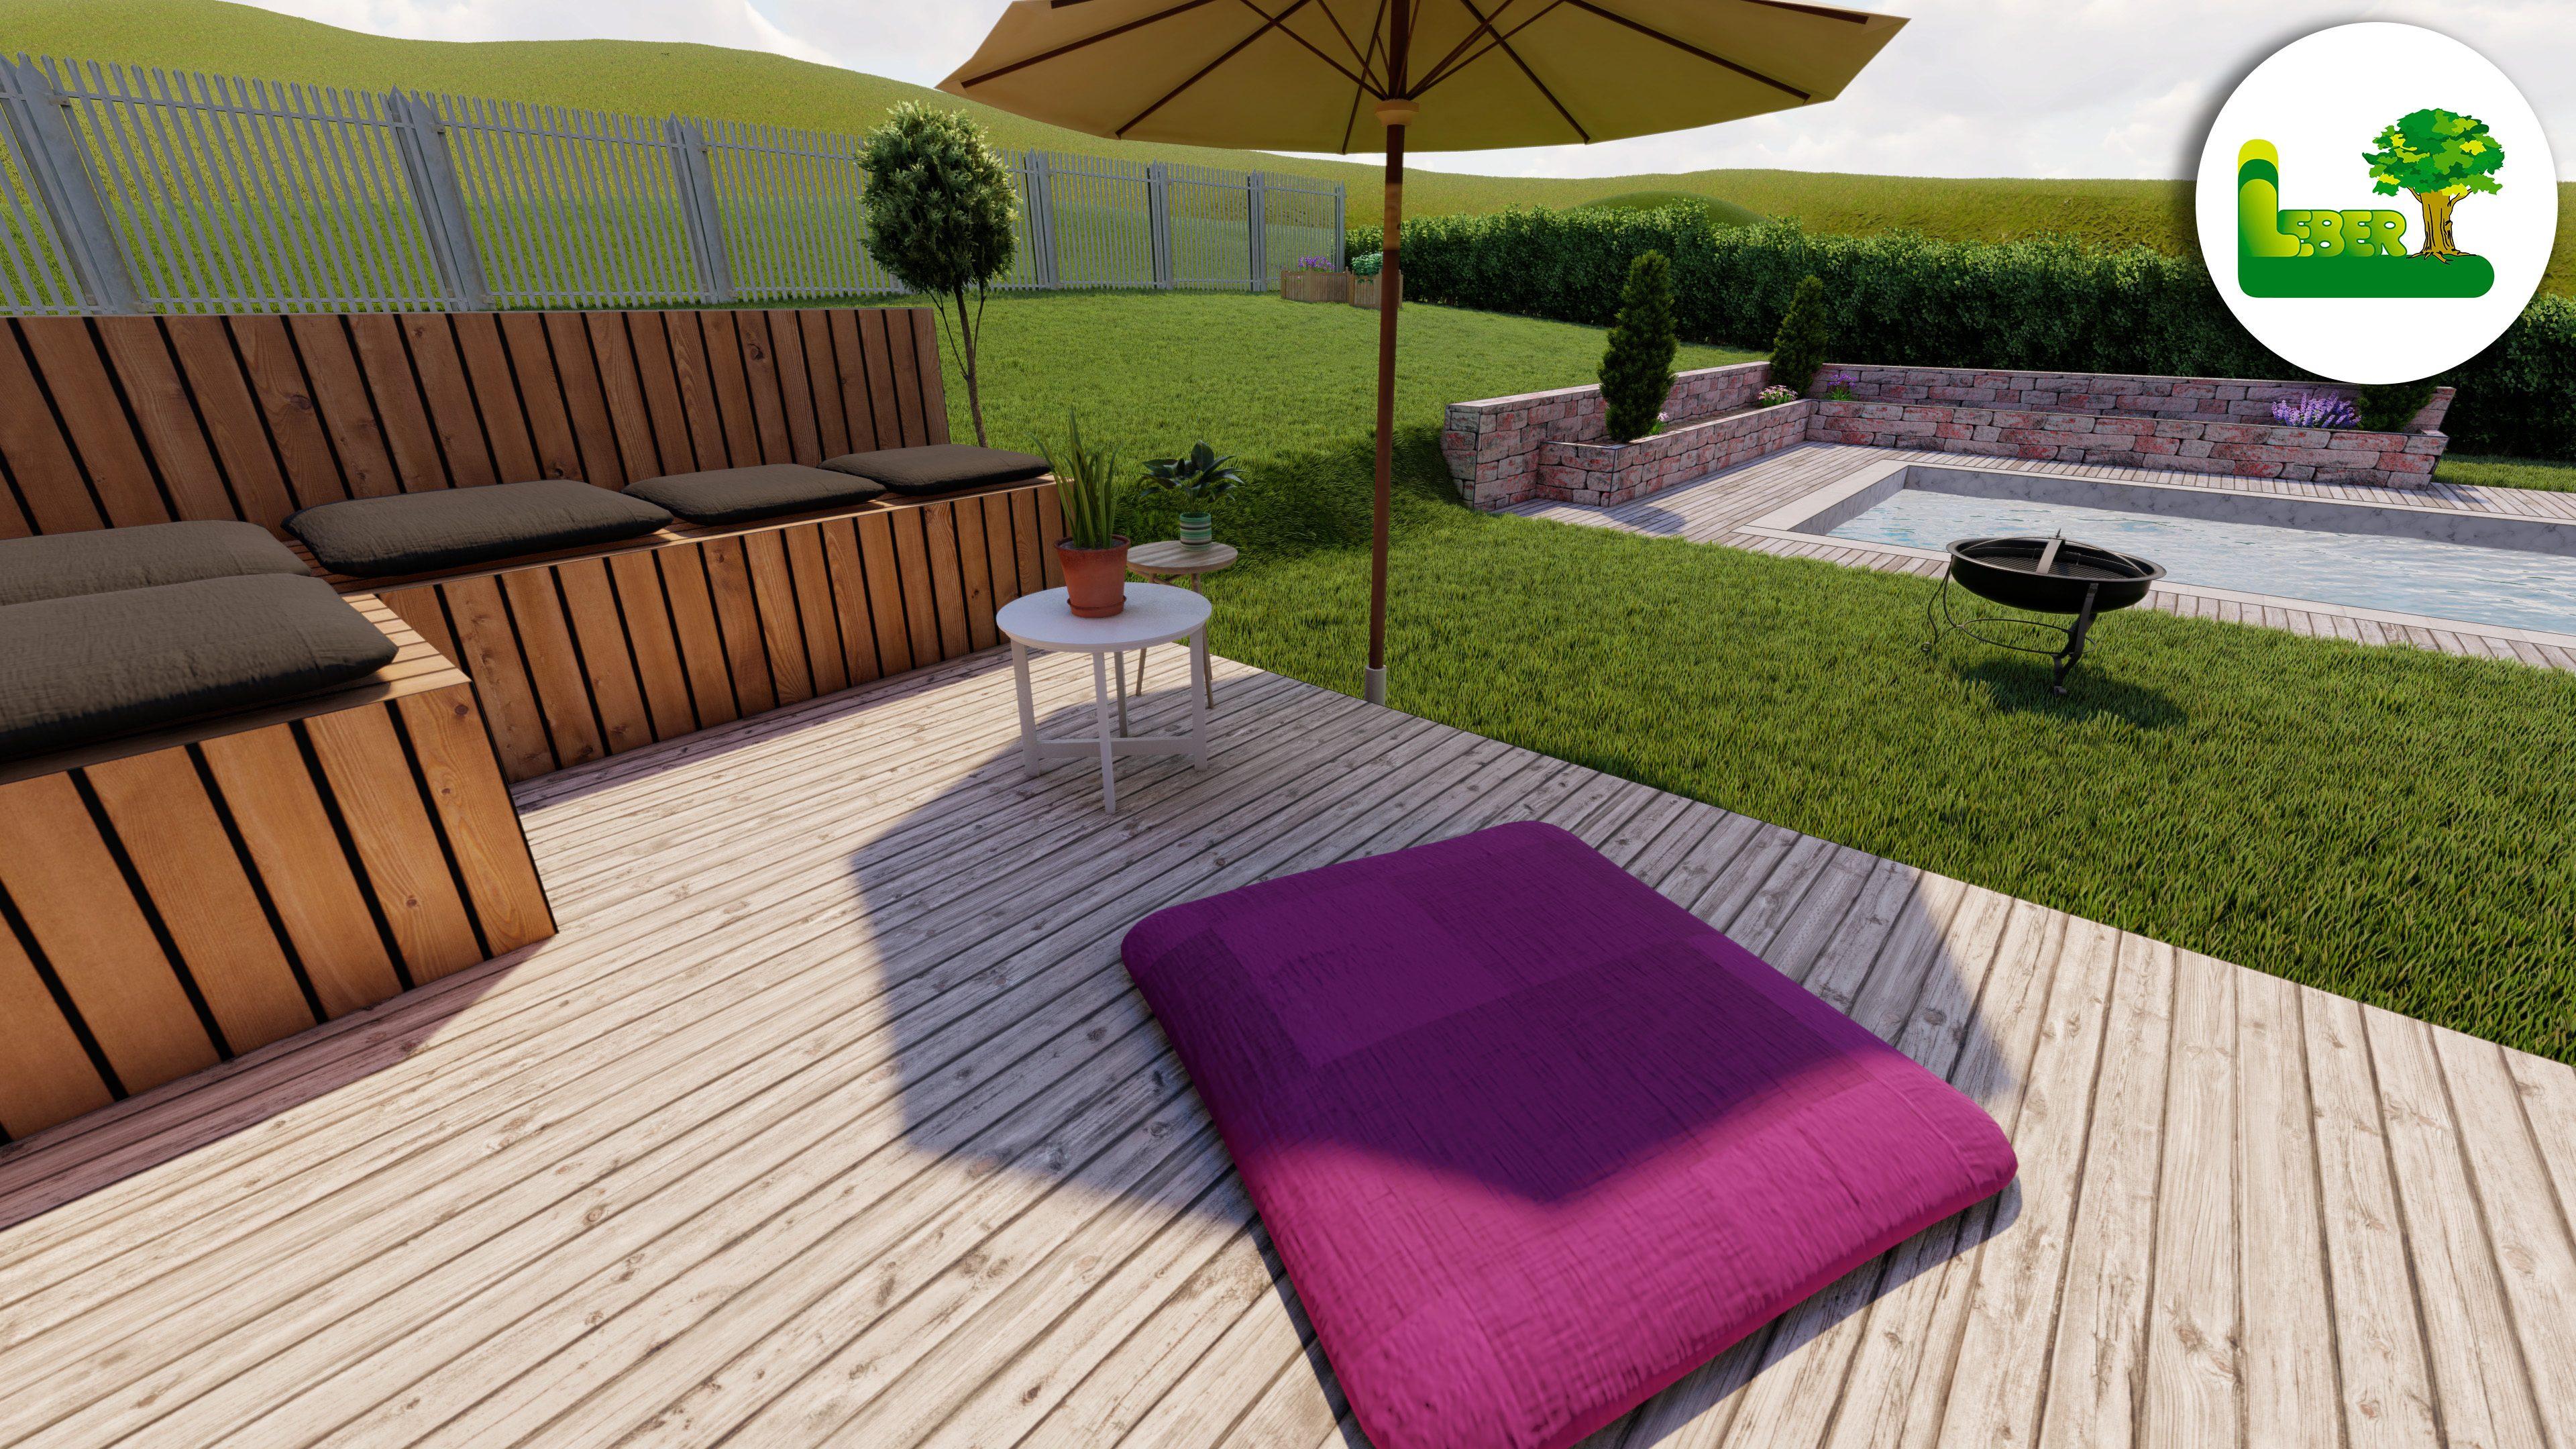 Außengestaltung - Gartengestaltung 3D Planung - bei schönem Wetter